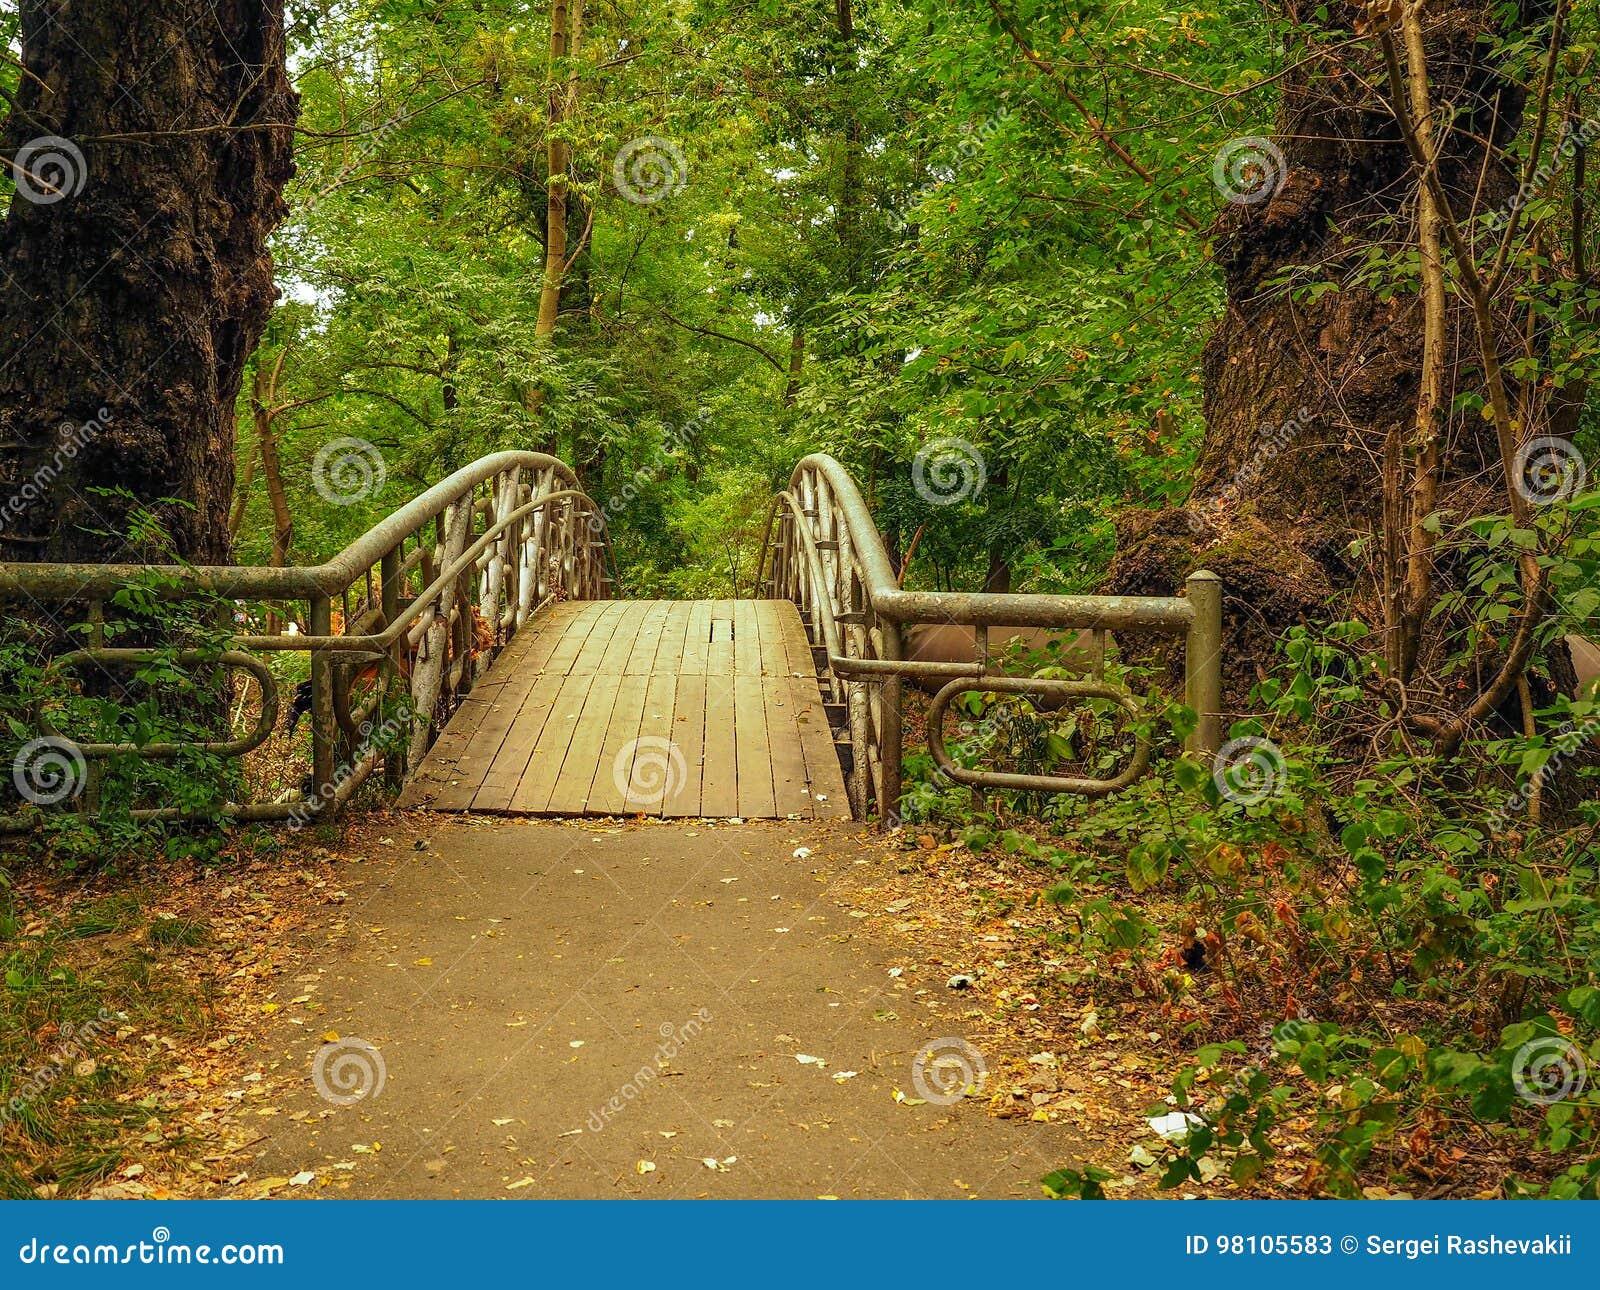 Puente viejo abandonado paisaje del parque, rastro